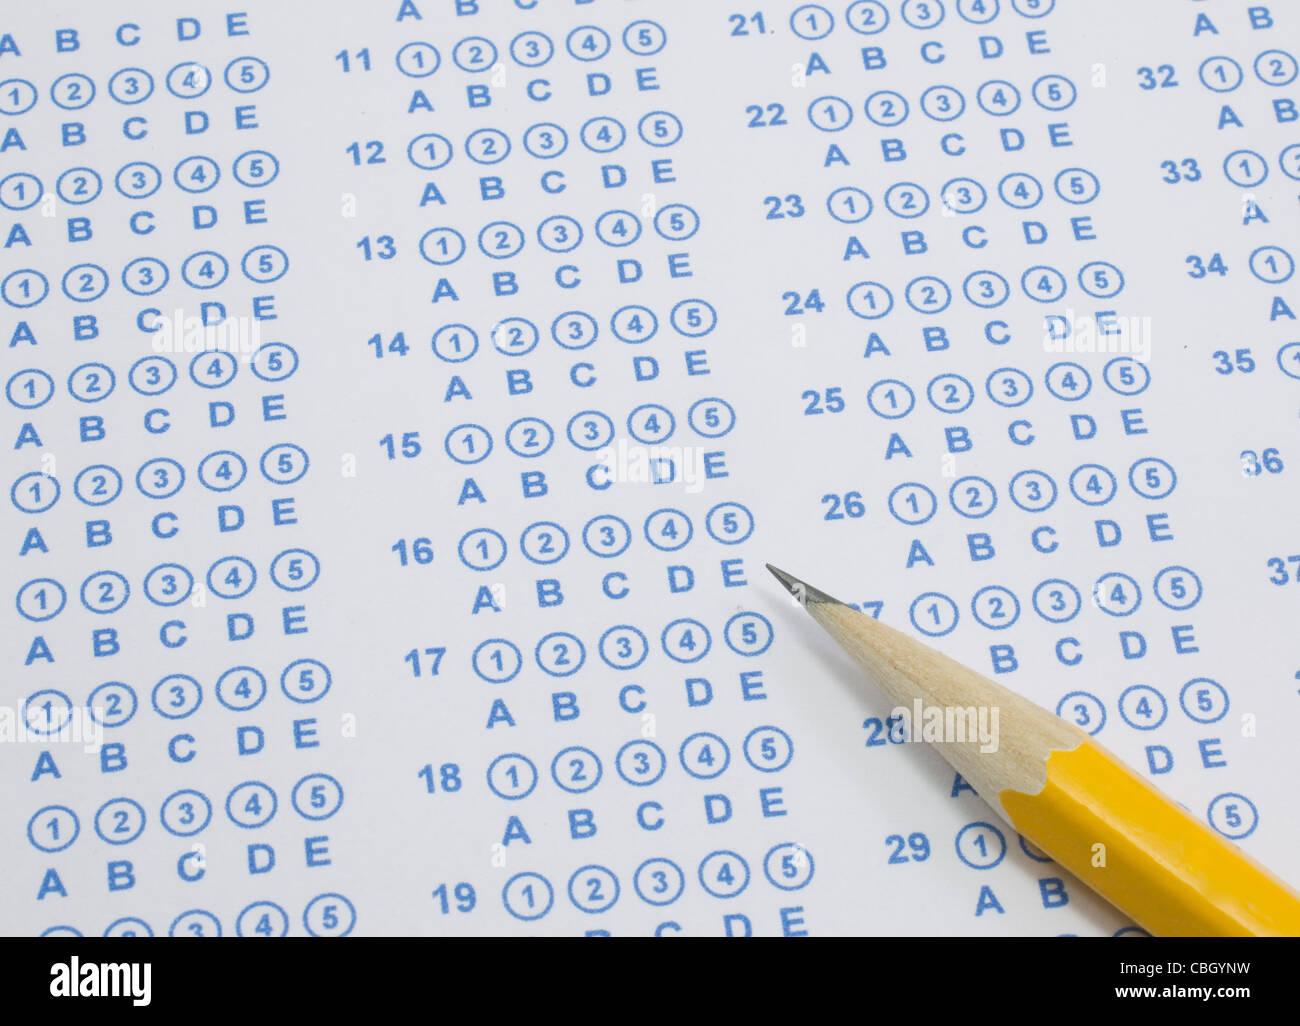 Une feuille de test bulle scantron bleu prêt à être rempli avec un crayon jaune numéro deux. Photo Stock